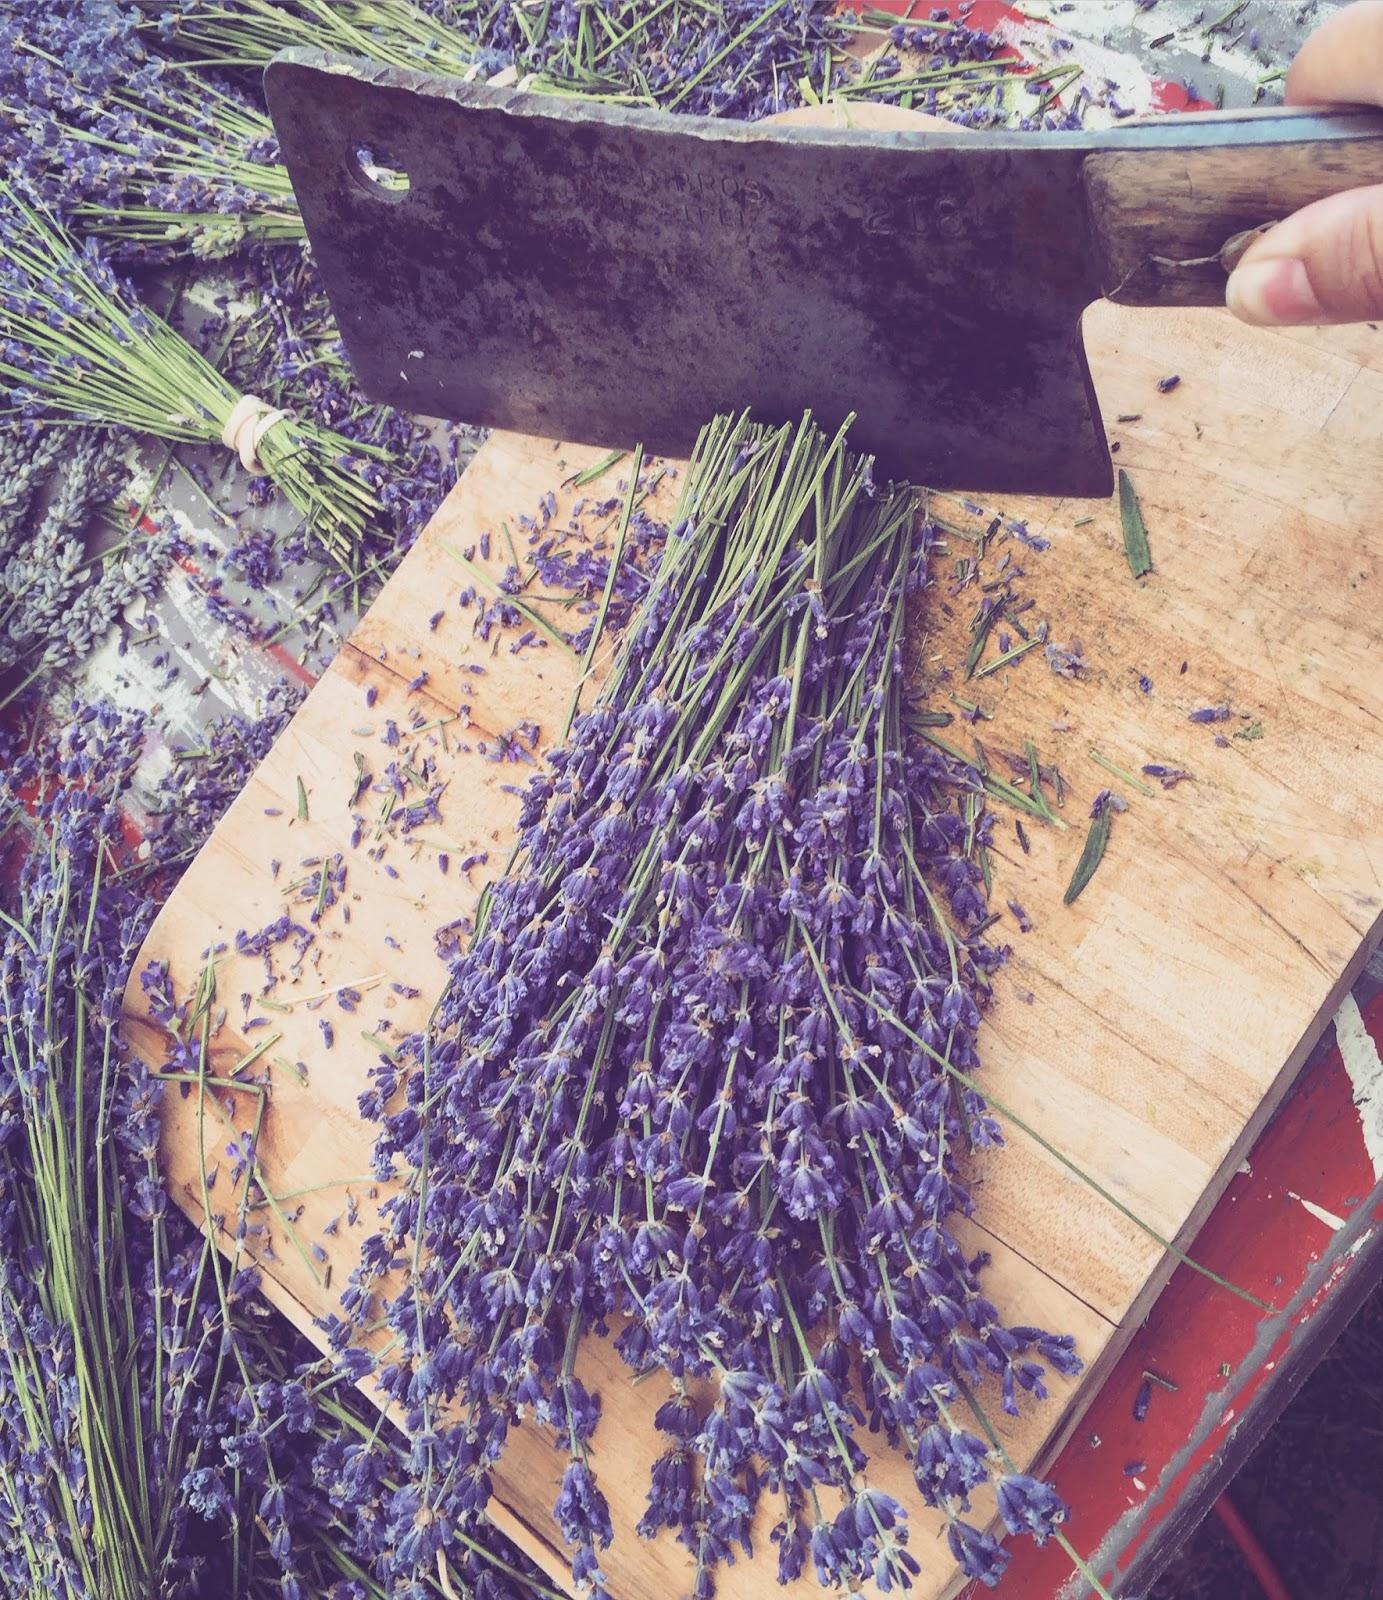 Best Uses For Fresh Lavender